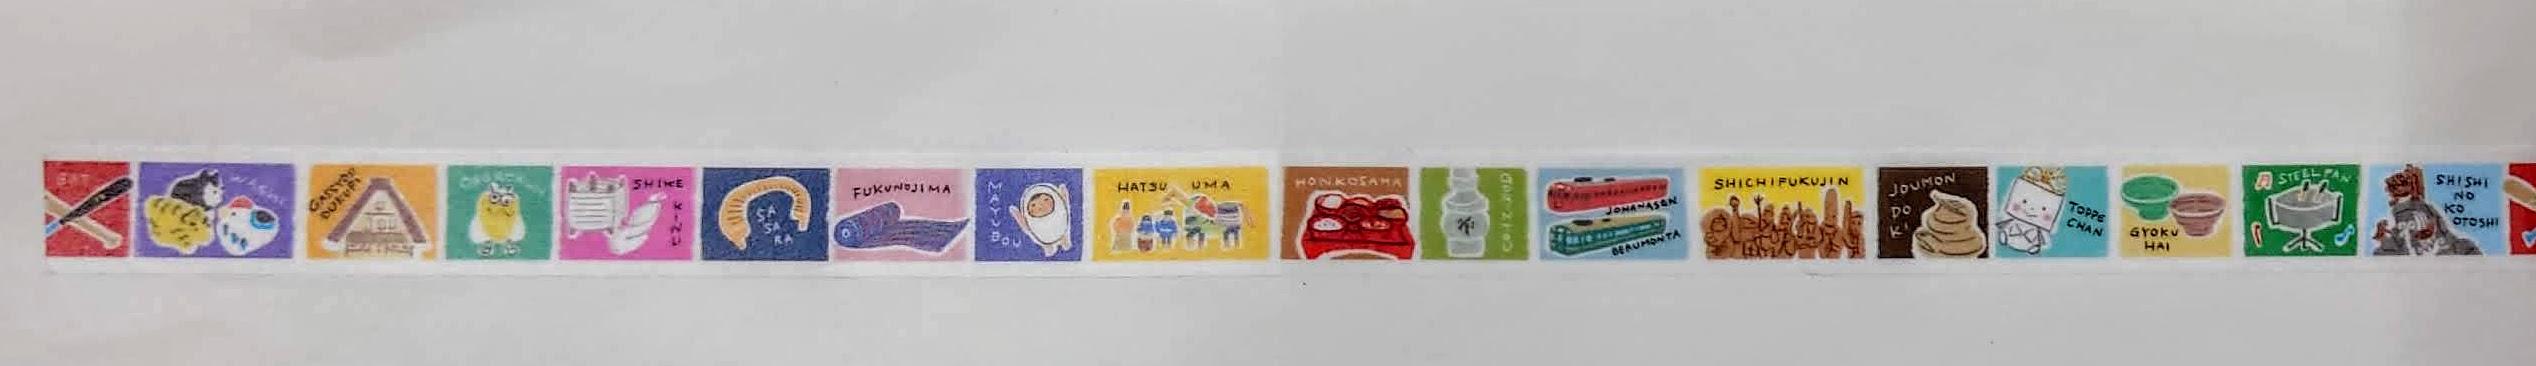 南砺市商工会女性部が作成したオリジナルマスキングテープ「なんとの365日 365days of NANTO」の1つ、⑥なんとの特産品の絵柄一連